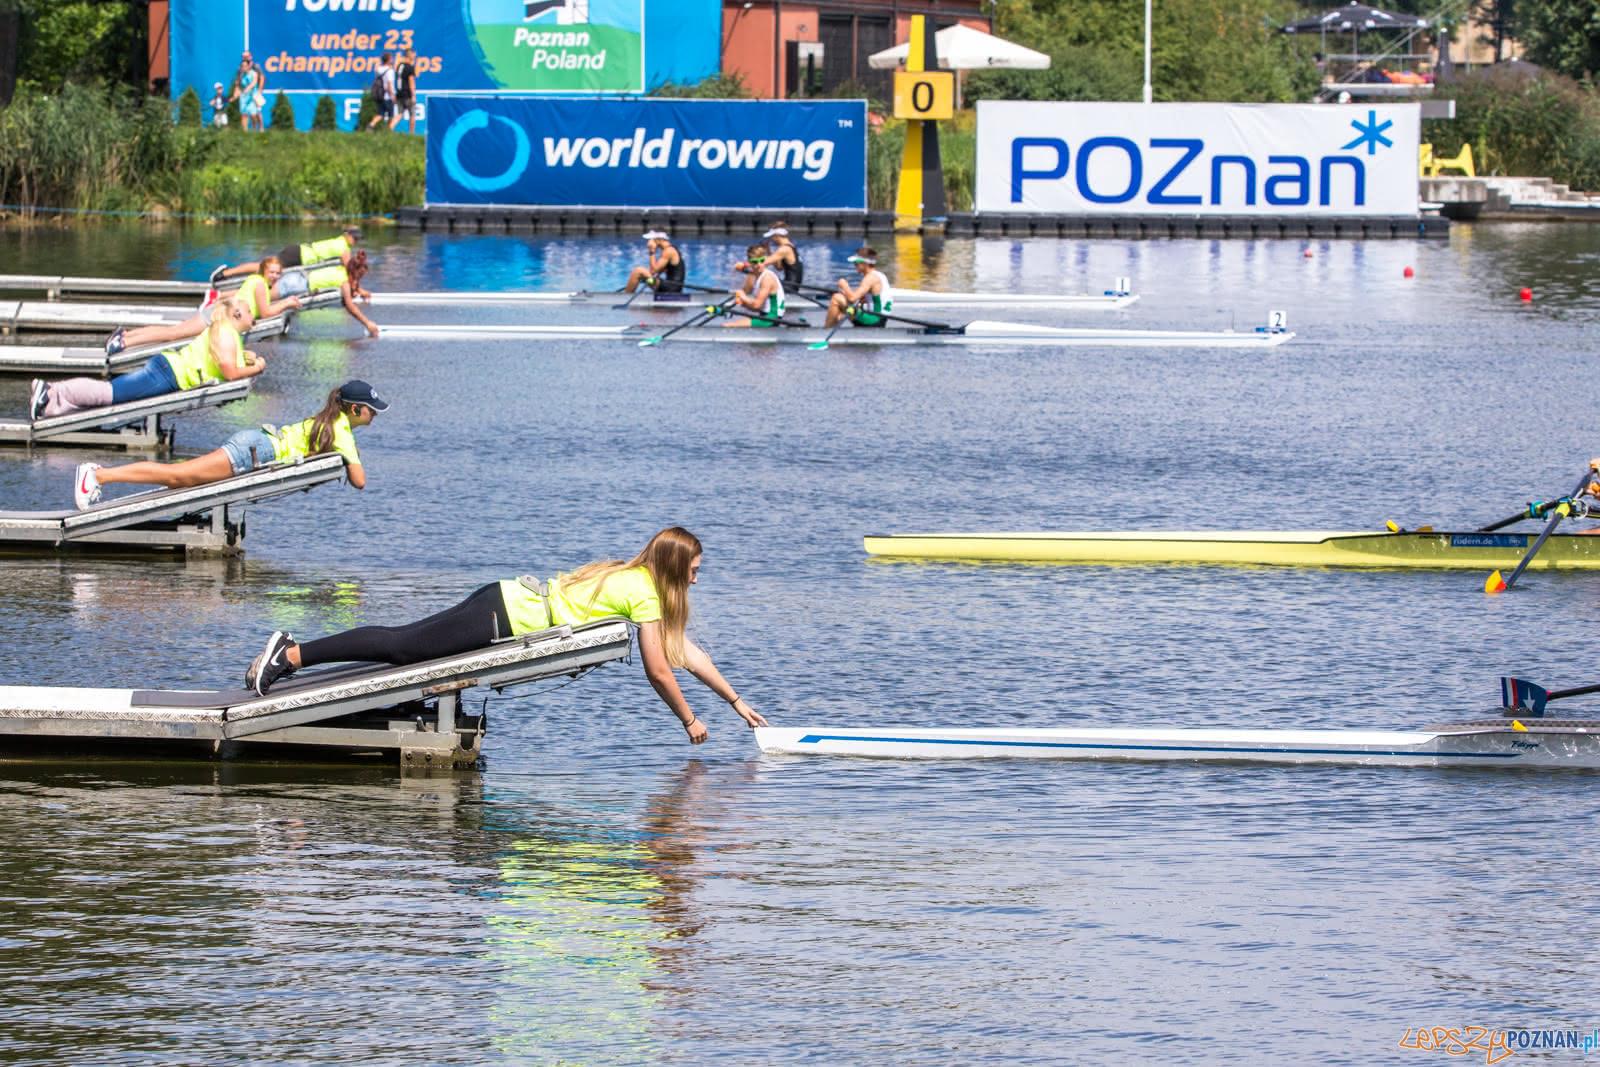 Mistrzostwa Świata U23 w wioślarstwie na poznańskiej Malcie -  Foto: LepszyPOZNAN.pl / Paweł Rychter